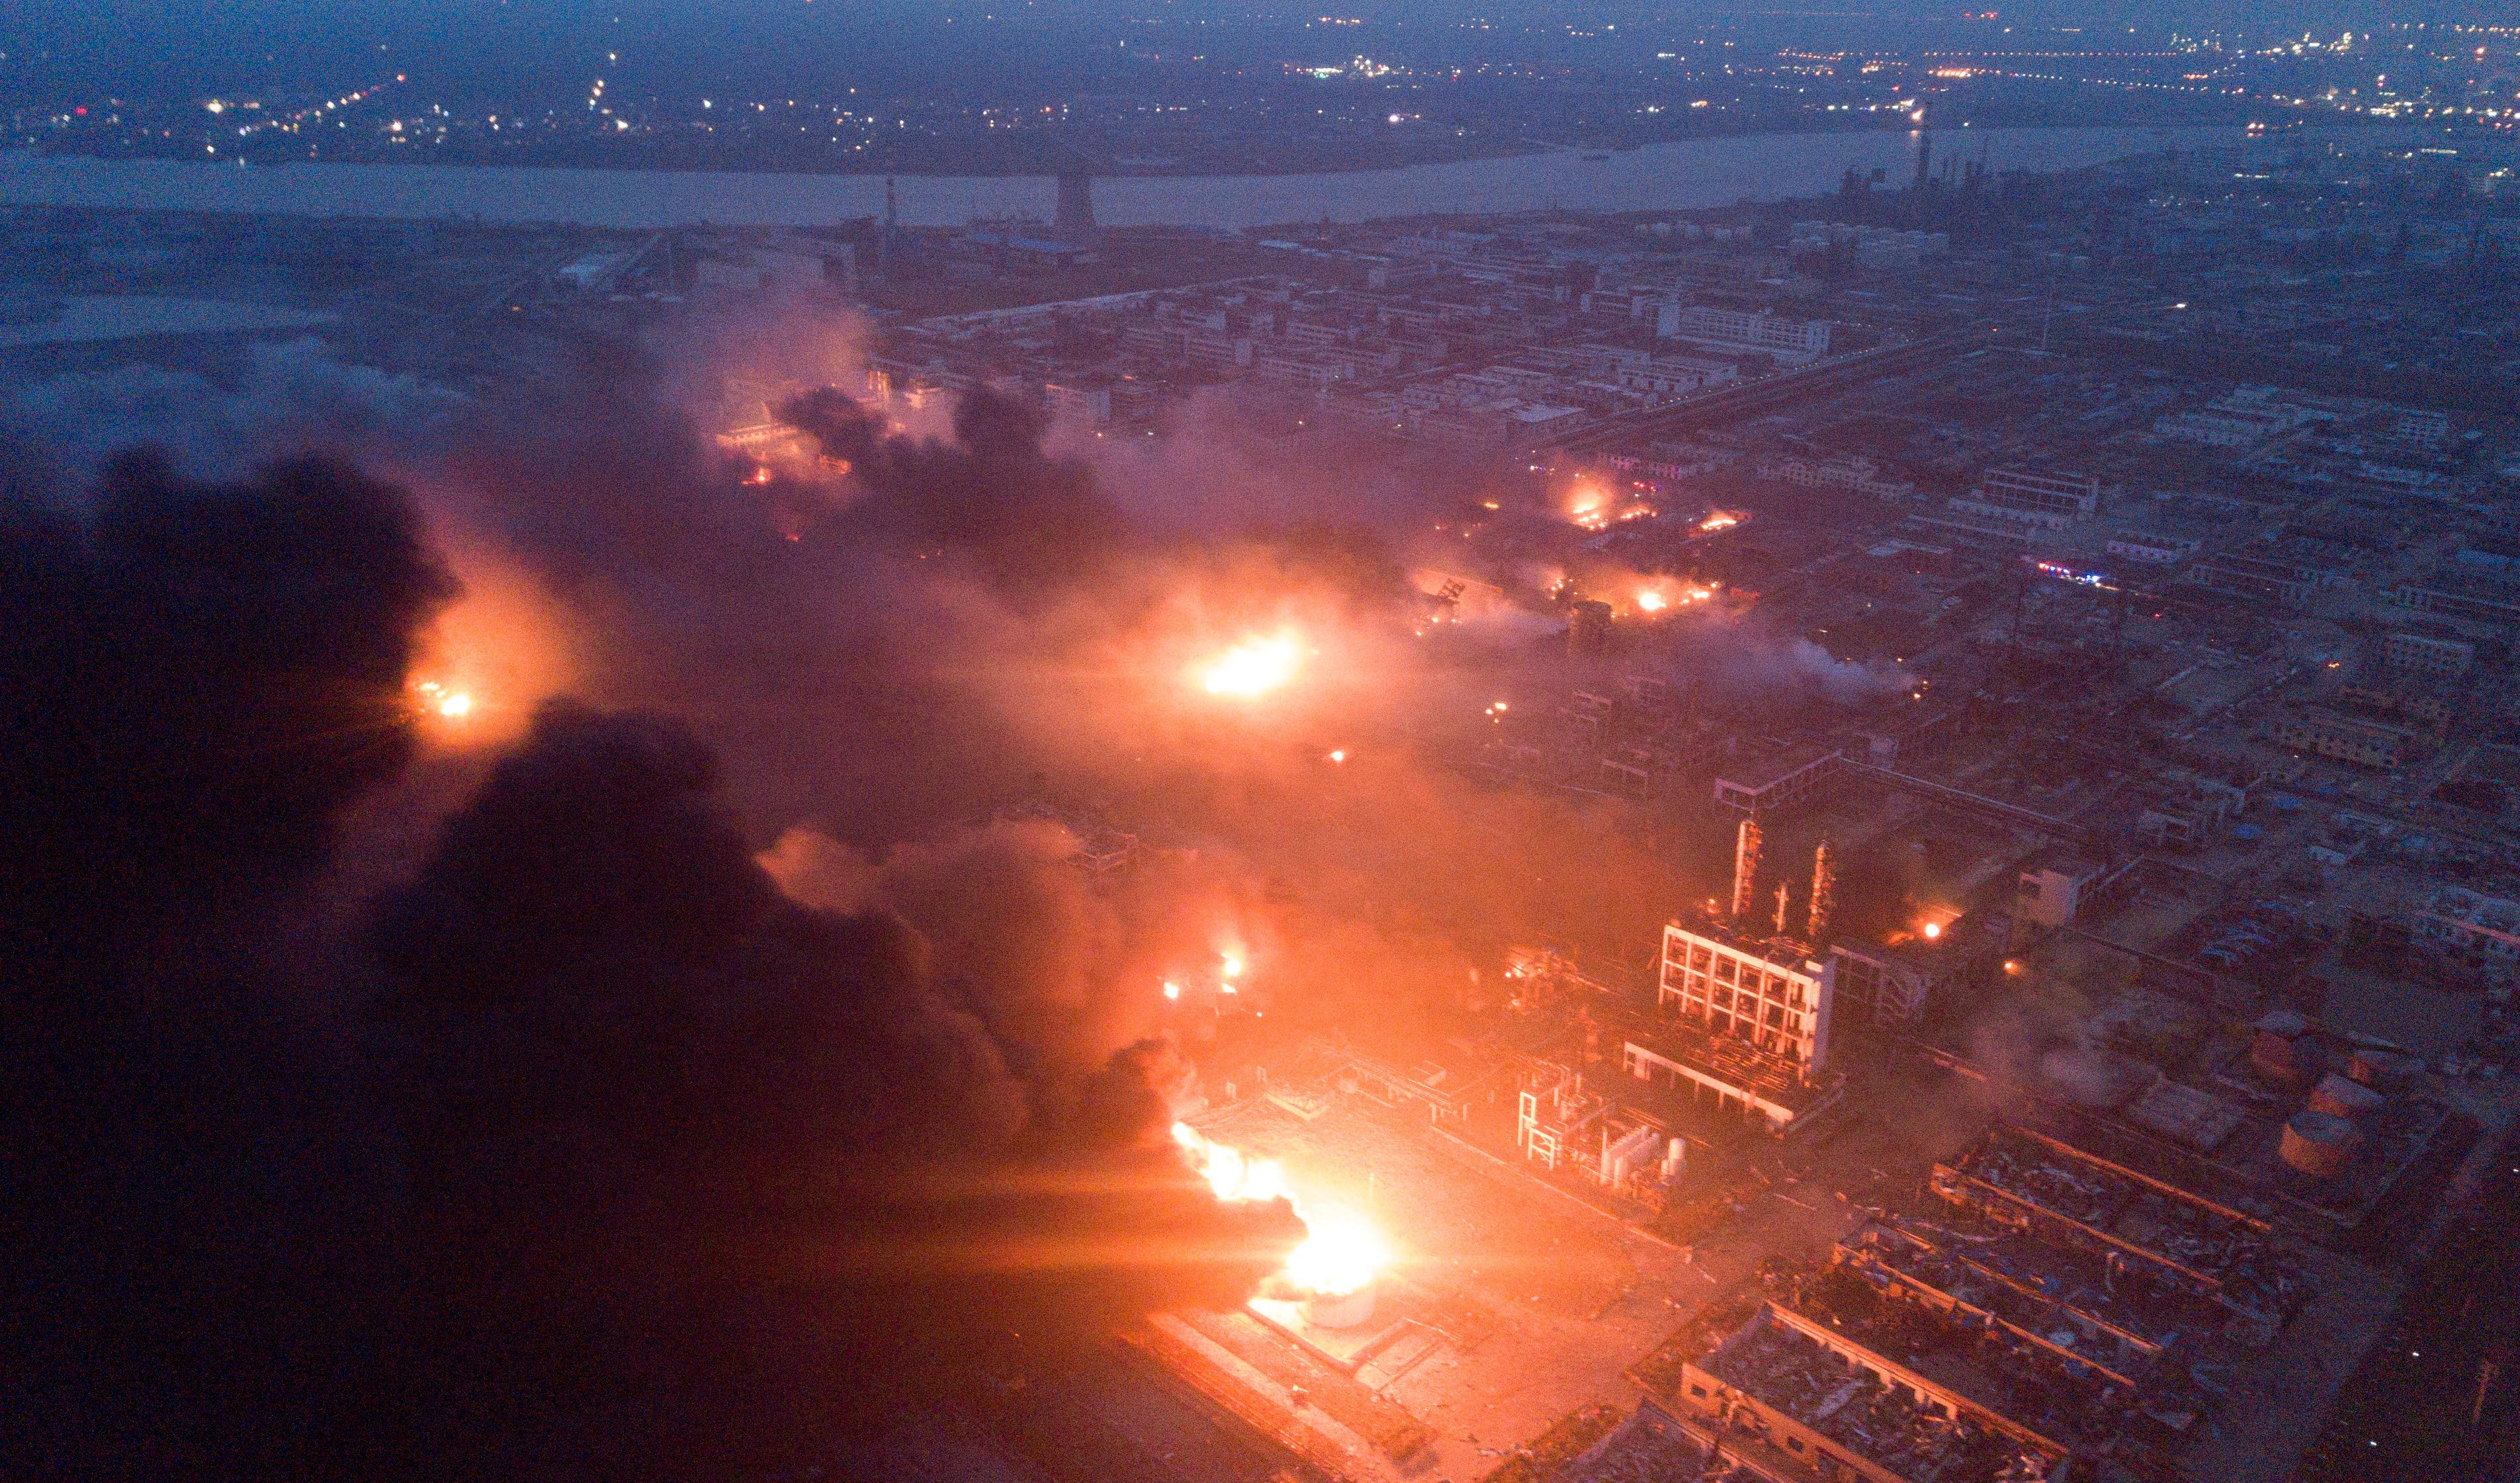 62 người thiệt mạng trong một vụ nổ nhà máy hóa chất ở Trung Cộng